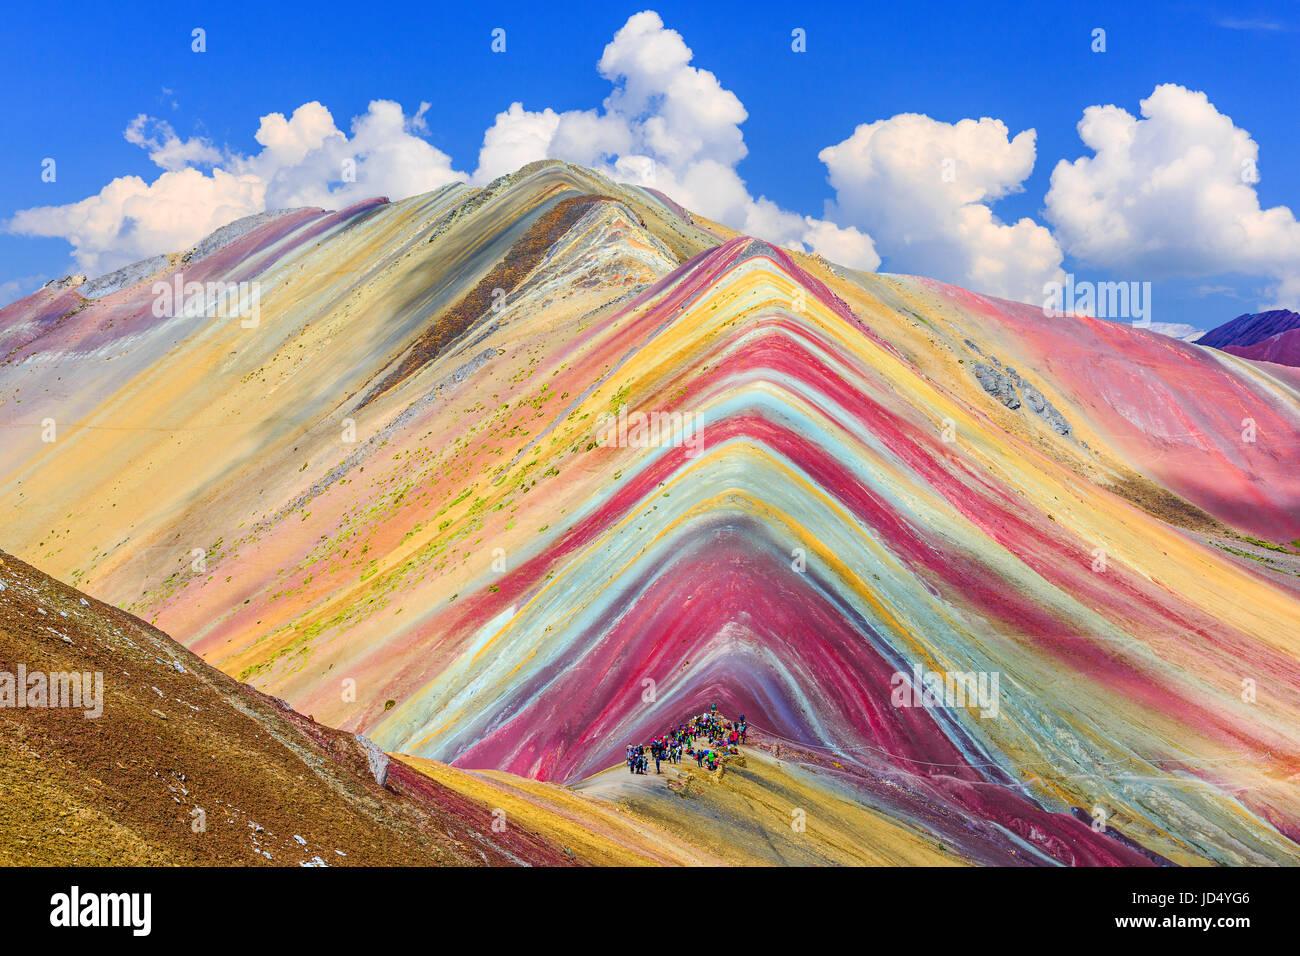 Vinicunca, regione di Cusco, Perù. Montana de Siete Colores, o Rainbow Mountain. Immagini Stock